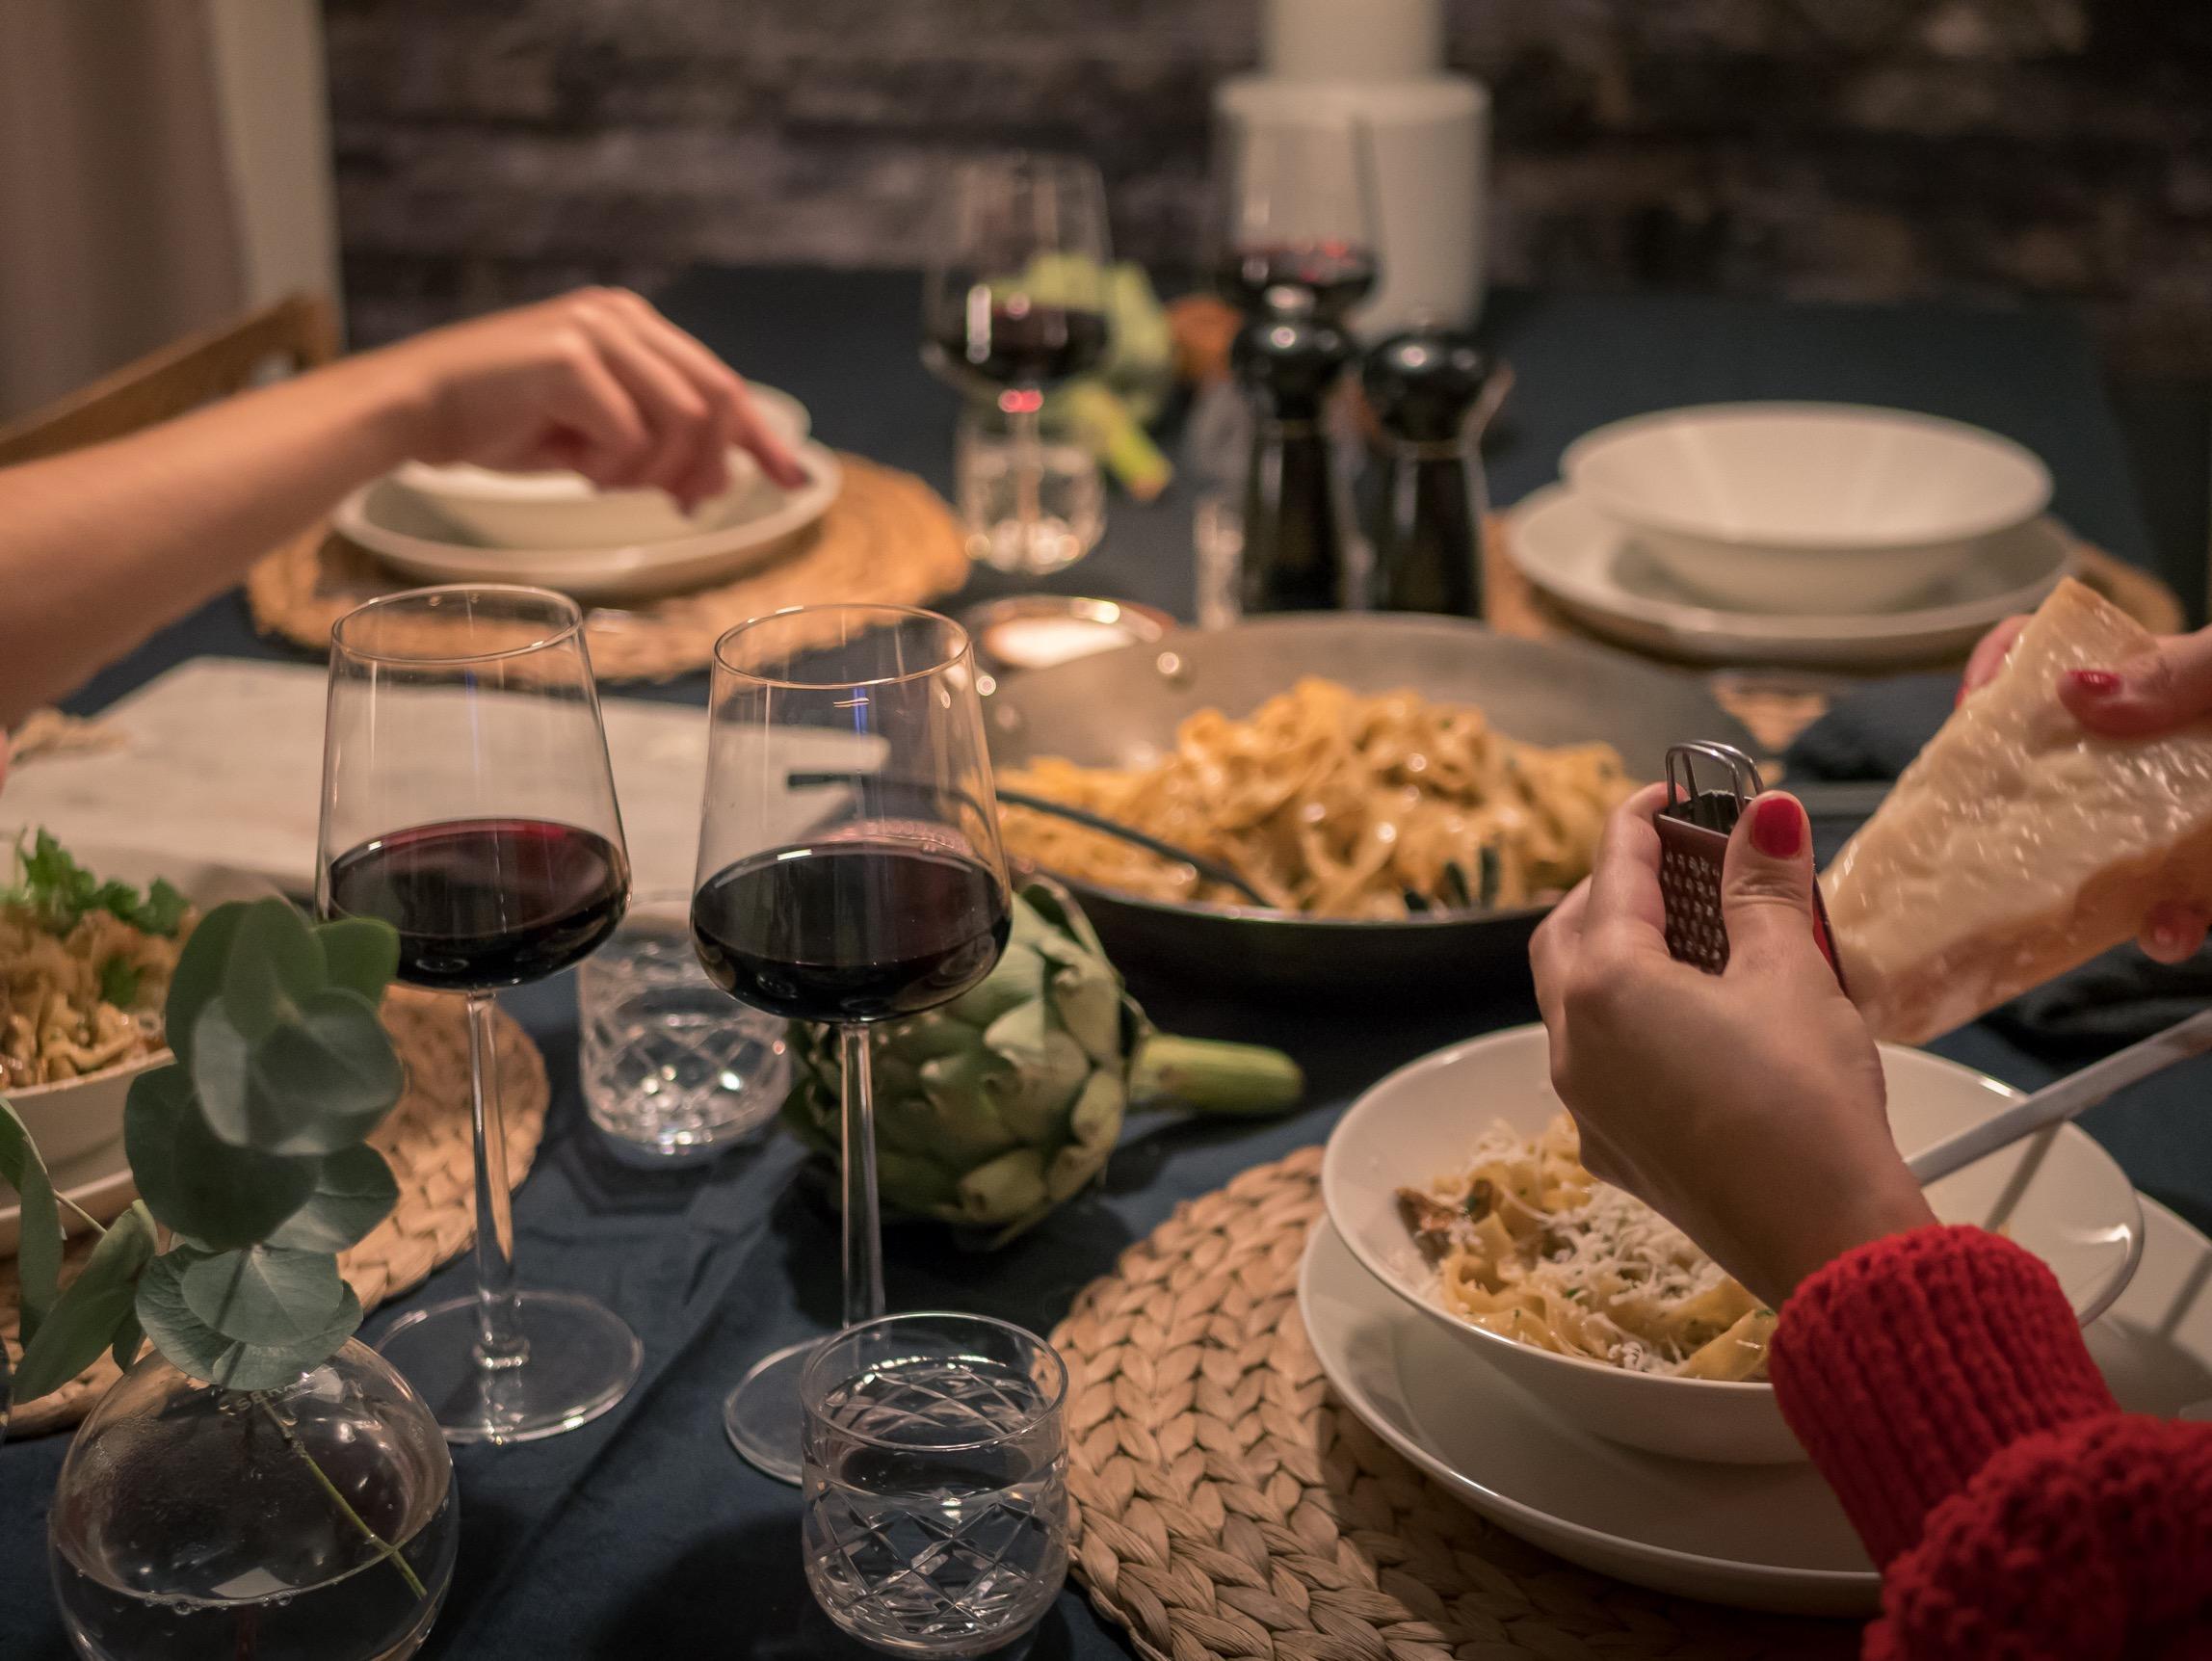 ワインと楽しむクリスマス。世界各国のクリスマススタイルをご紹介